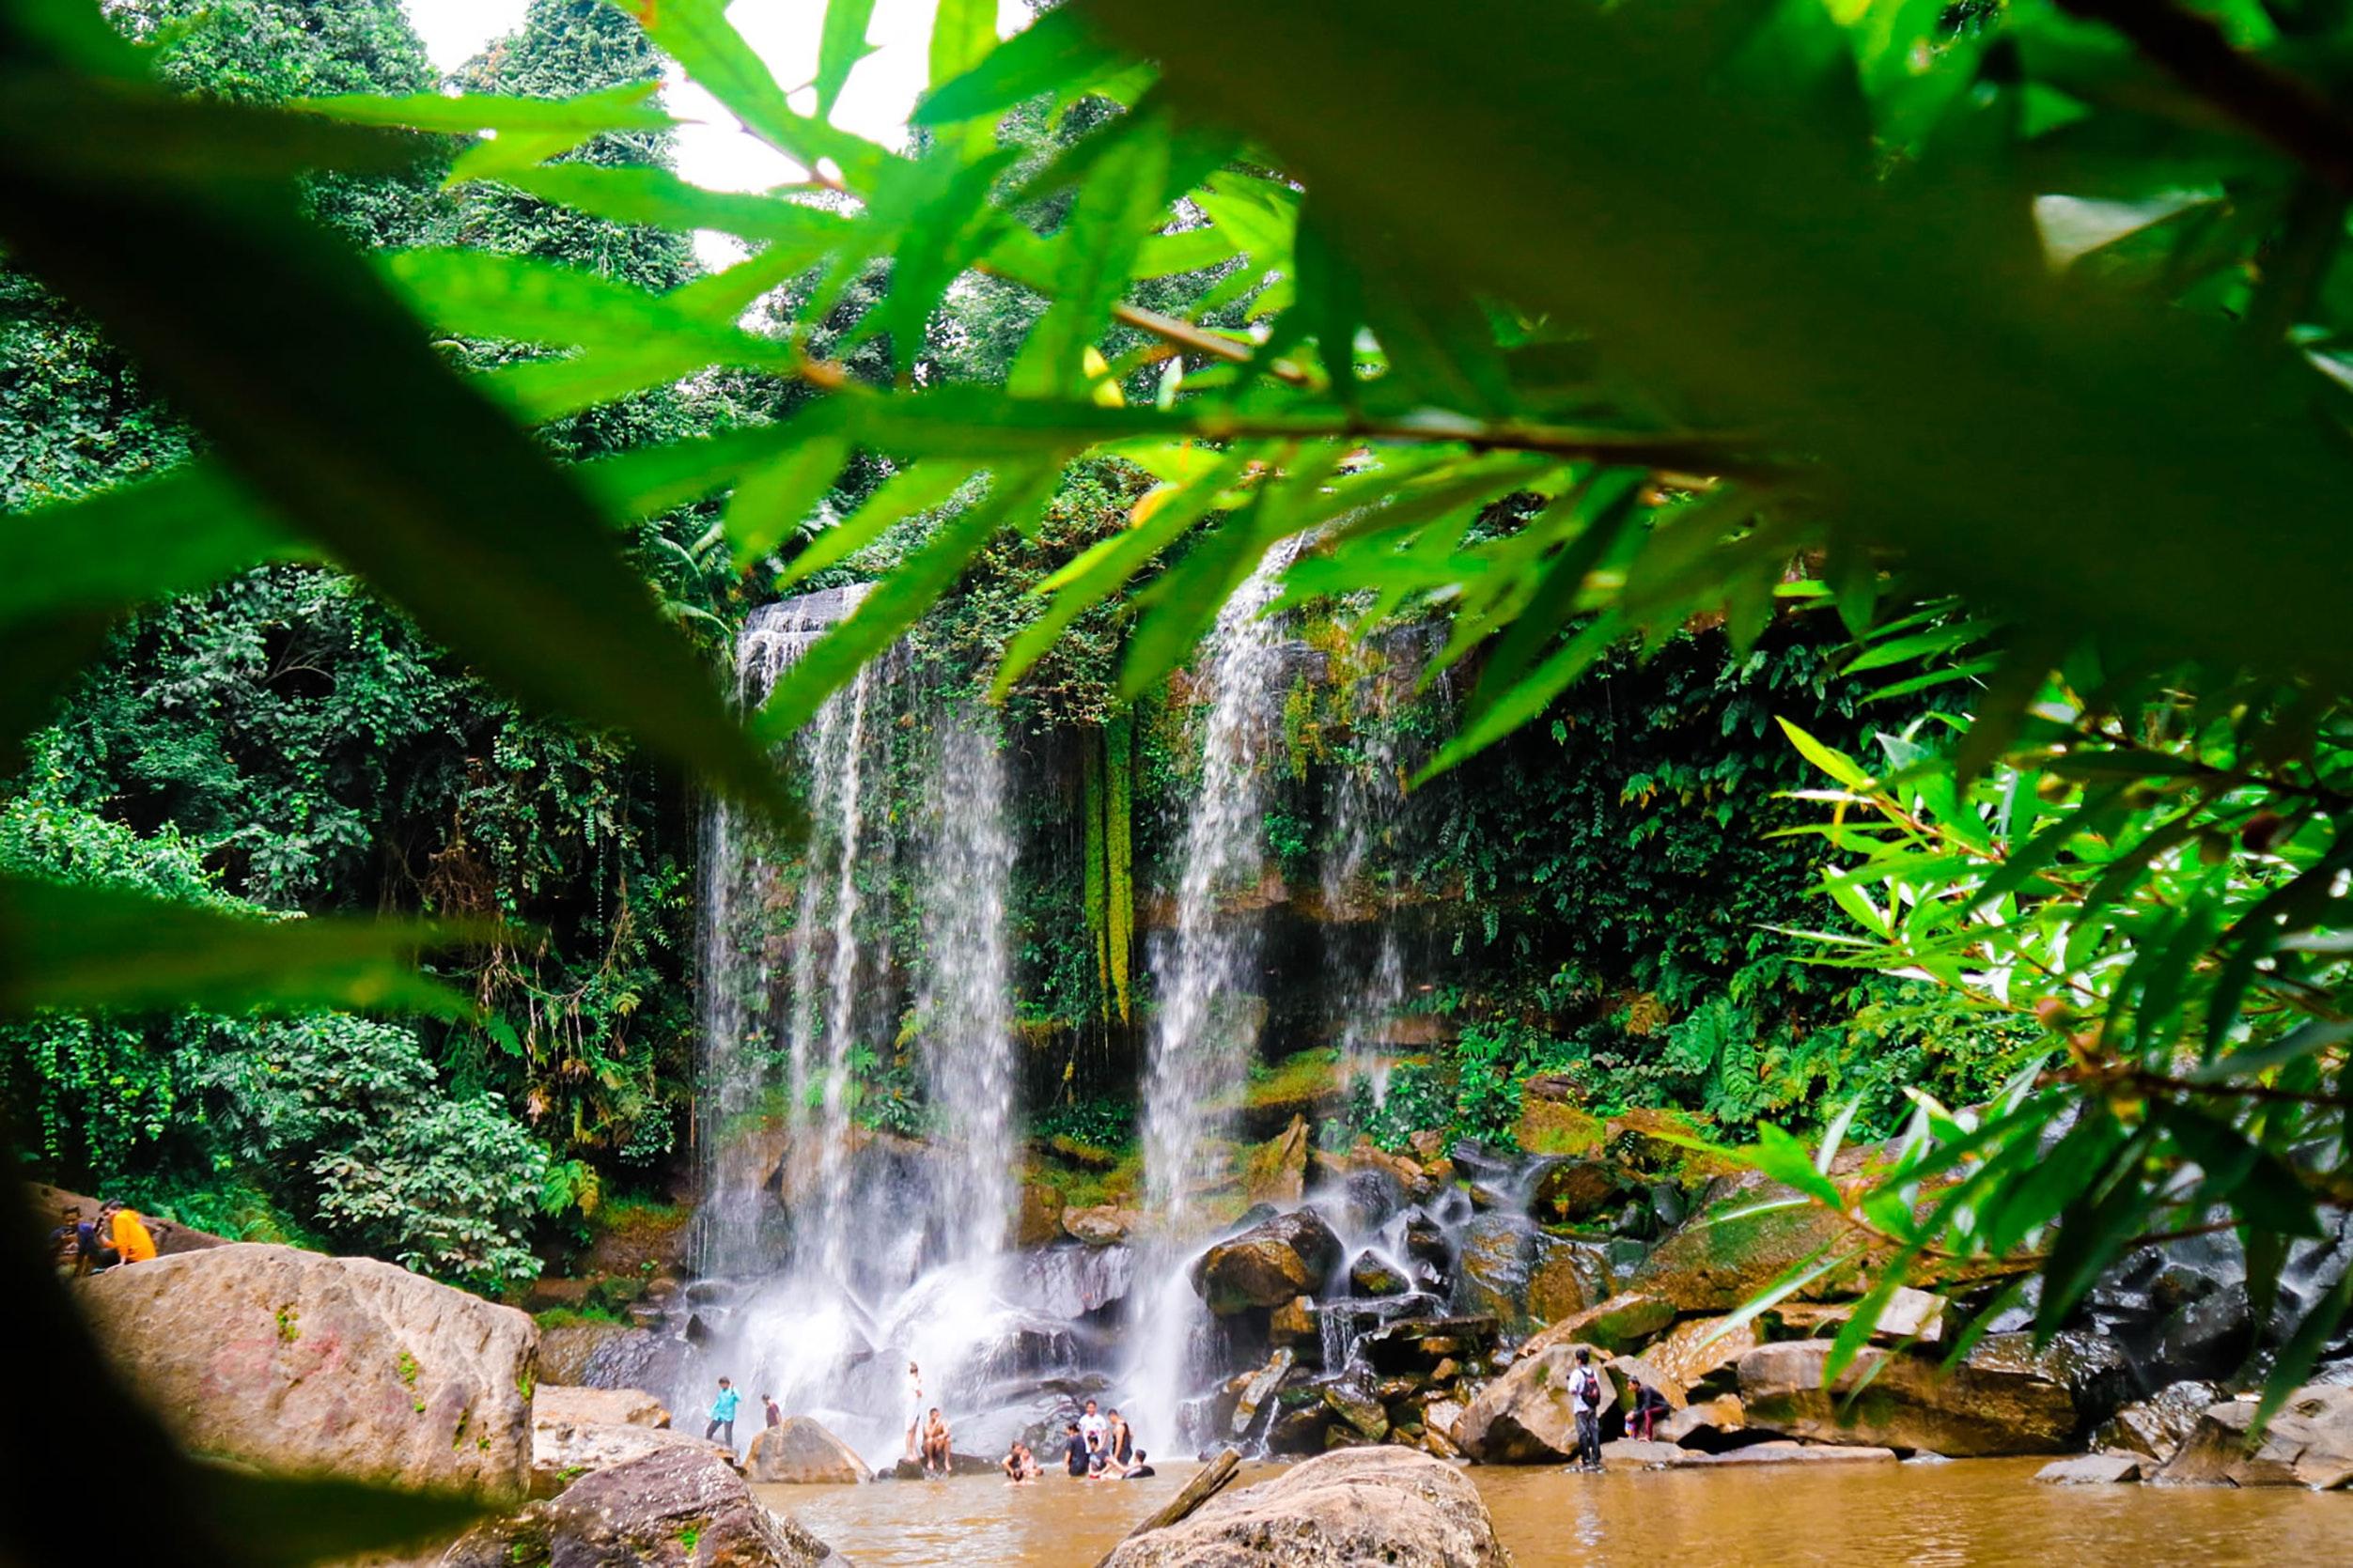 Water fall in Kulen mountains, Siem Reap